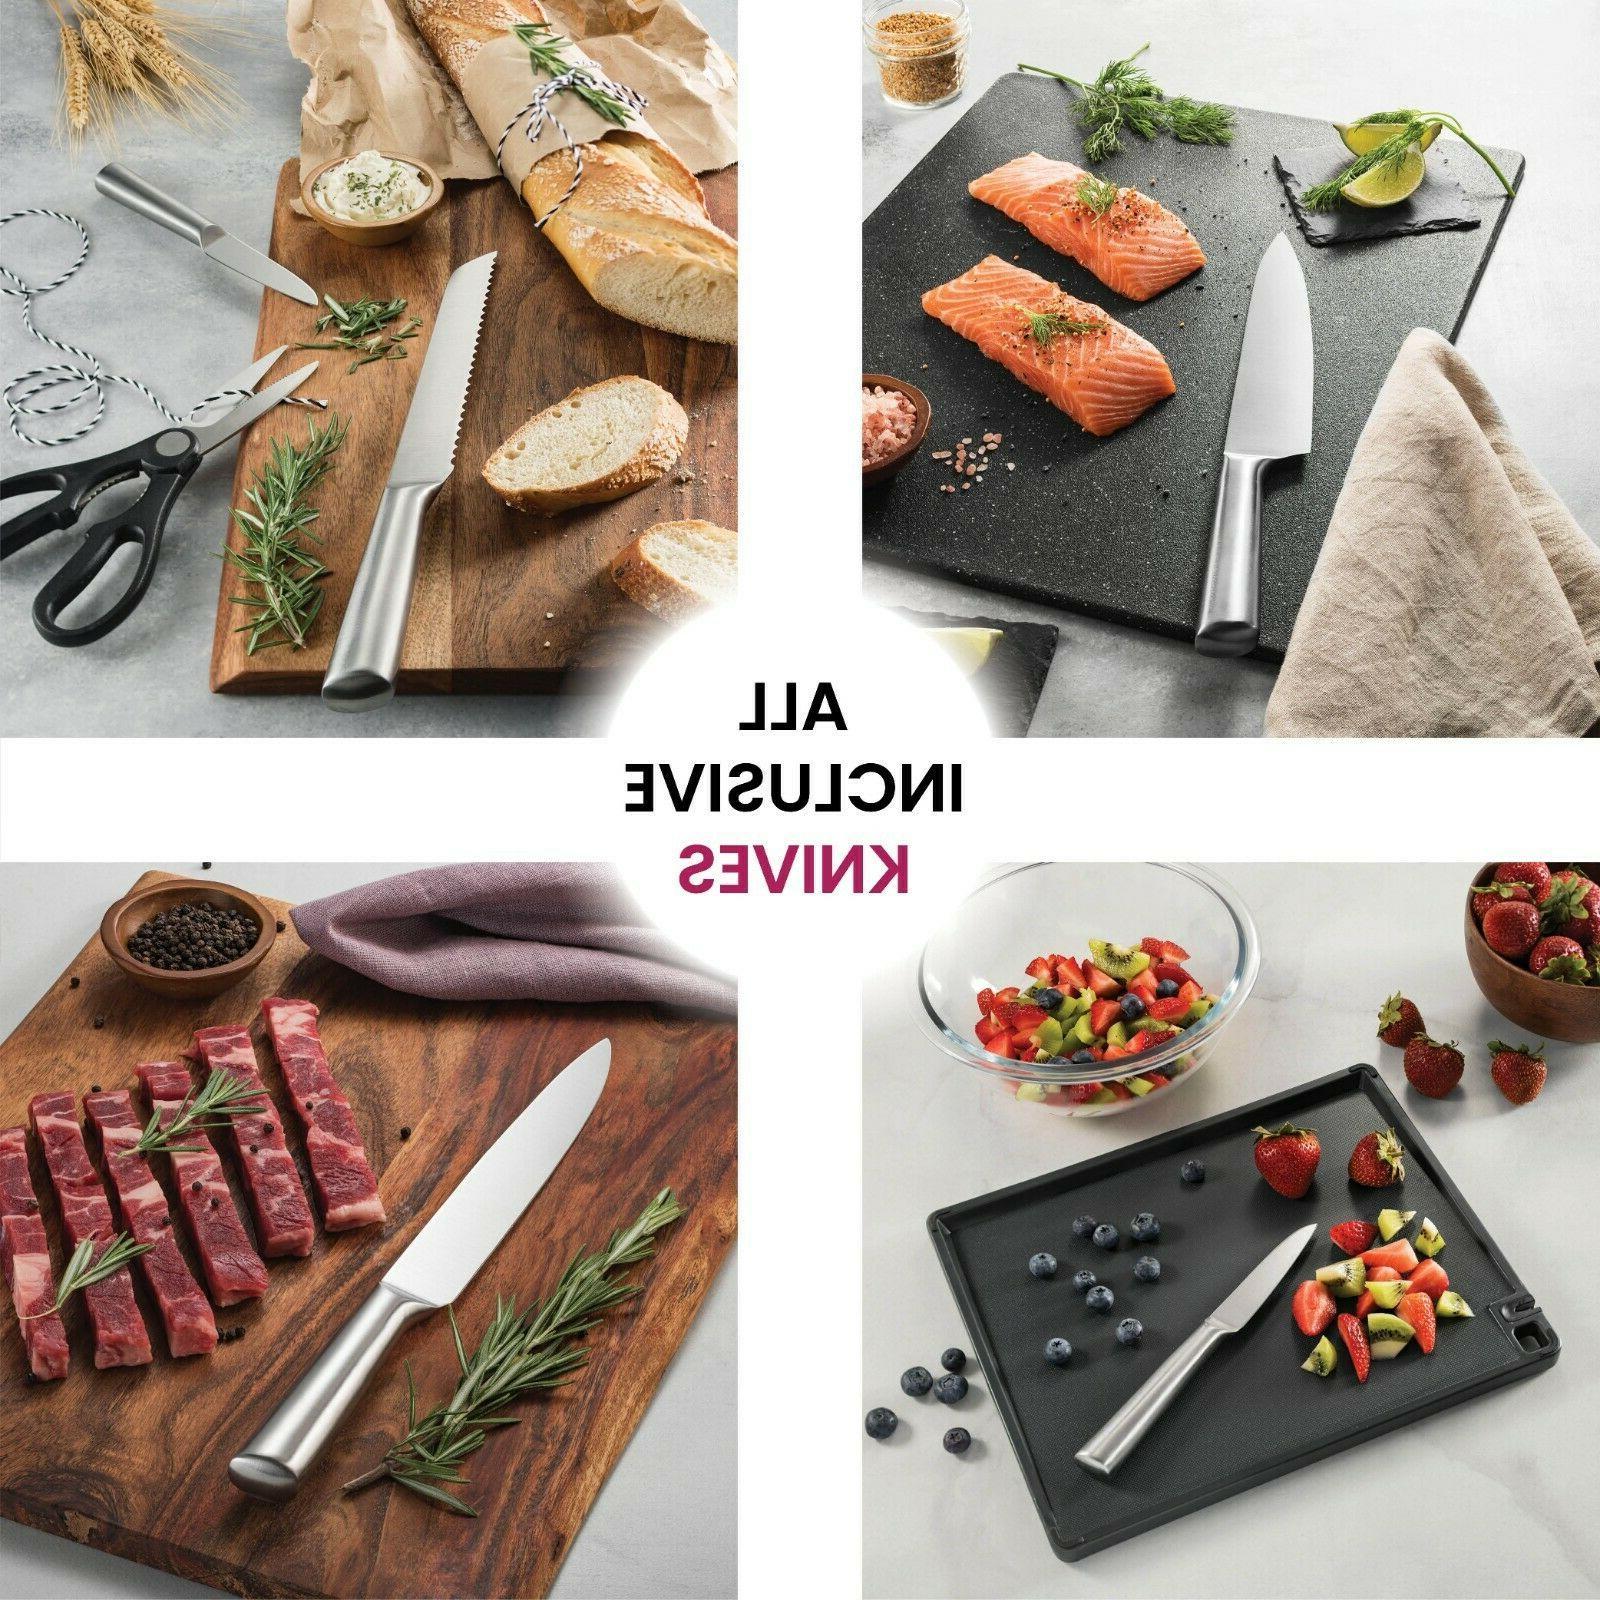 10 Piece Kitchen and Utensil set